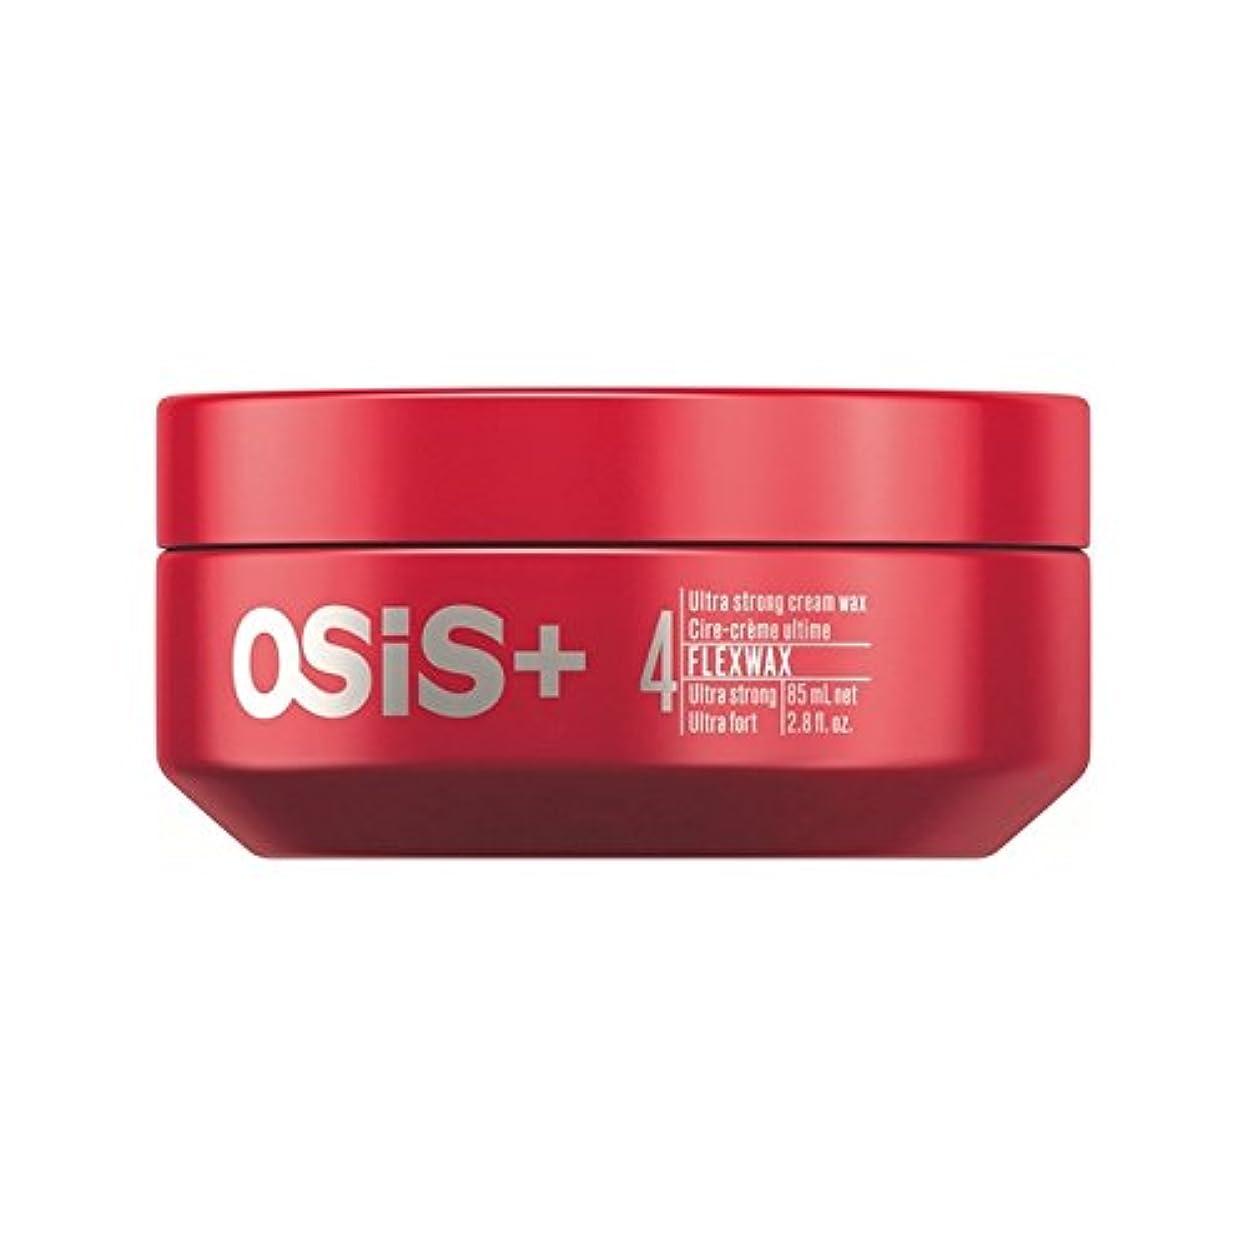 開始委任する刻むSchwarzkopf Osis Flexwax Ultra Strong Cream Wax (85ml) - シュワルツコフ 超強力なクリームワックス(85ミリリットル) [並行輸入品]